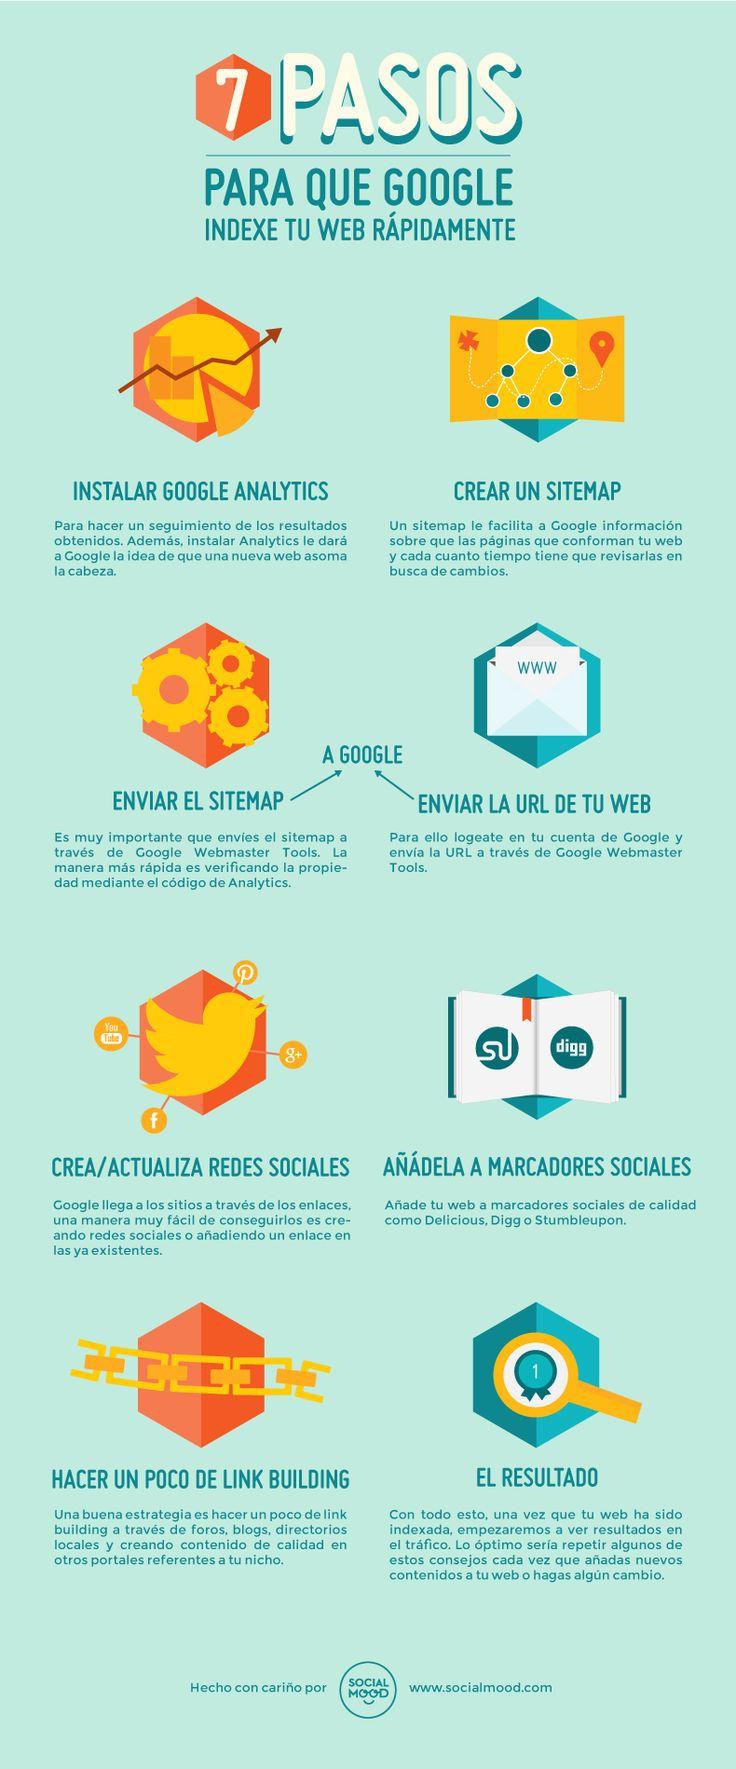 7 pasos para que Google indexe tu web rapidamente